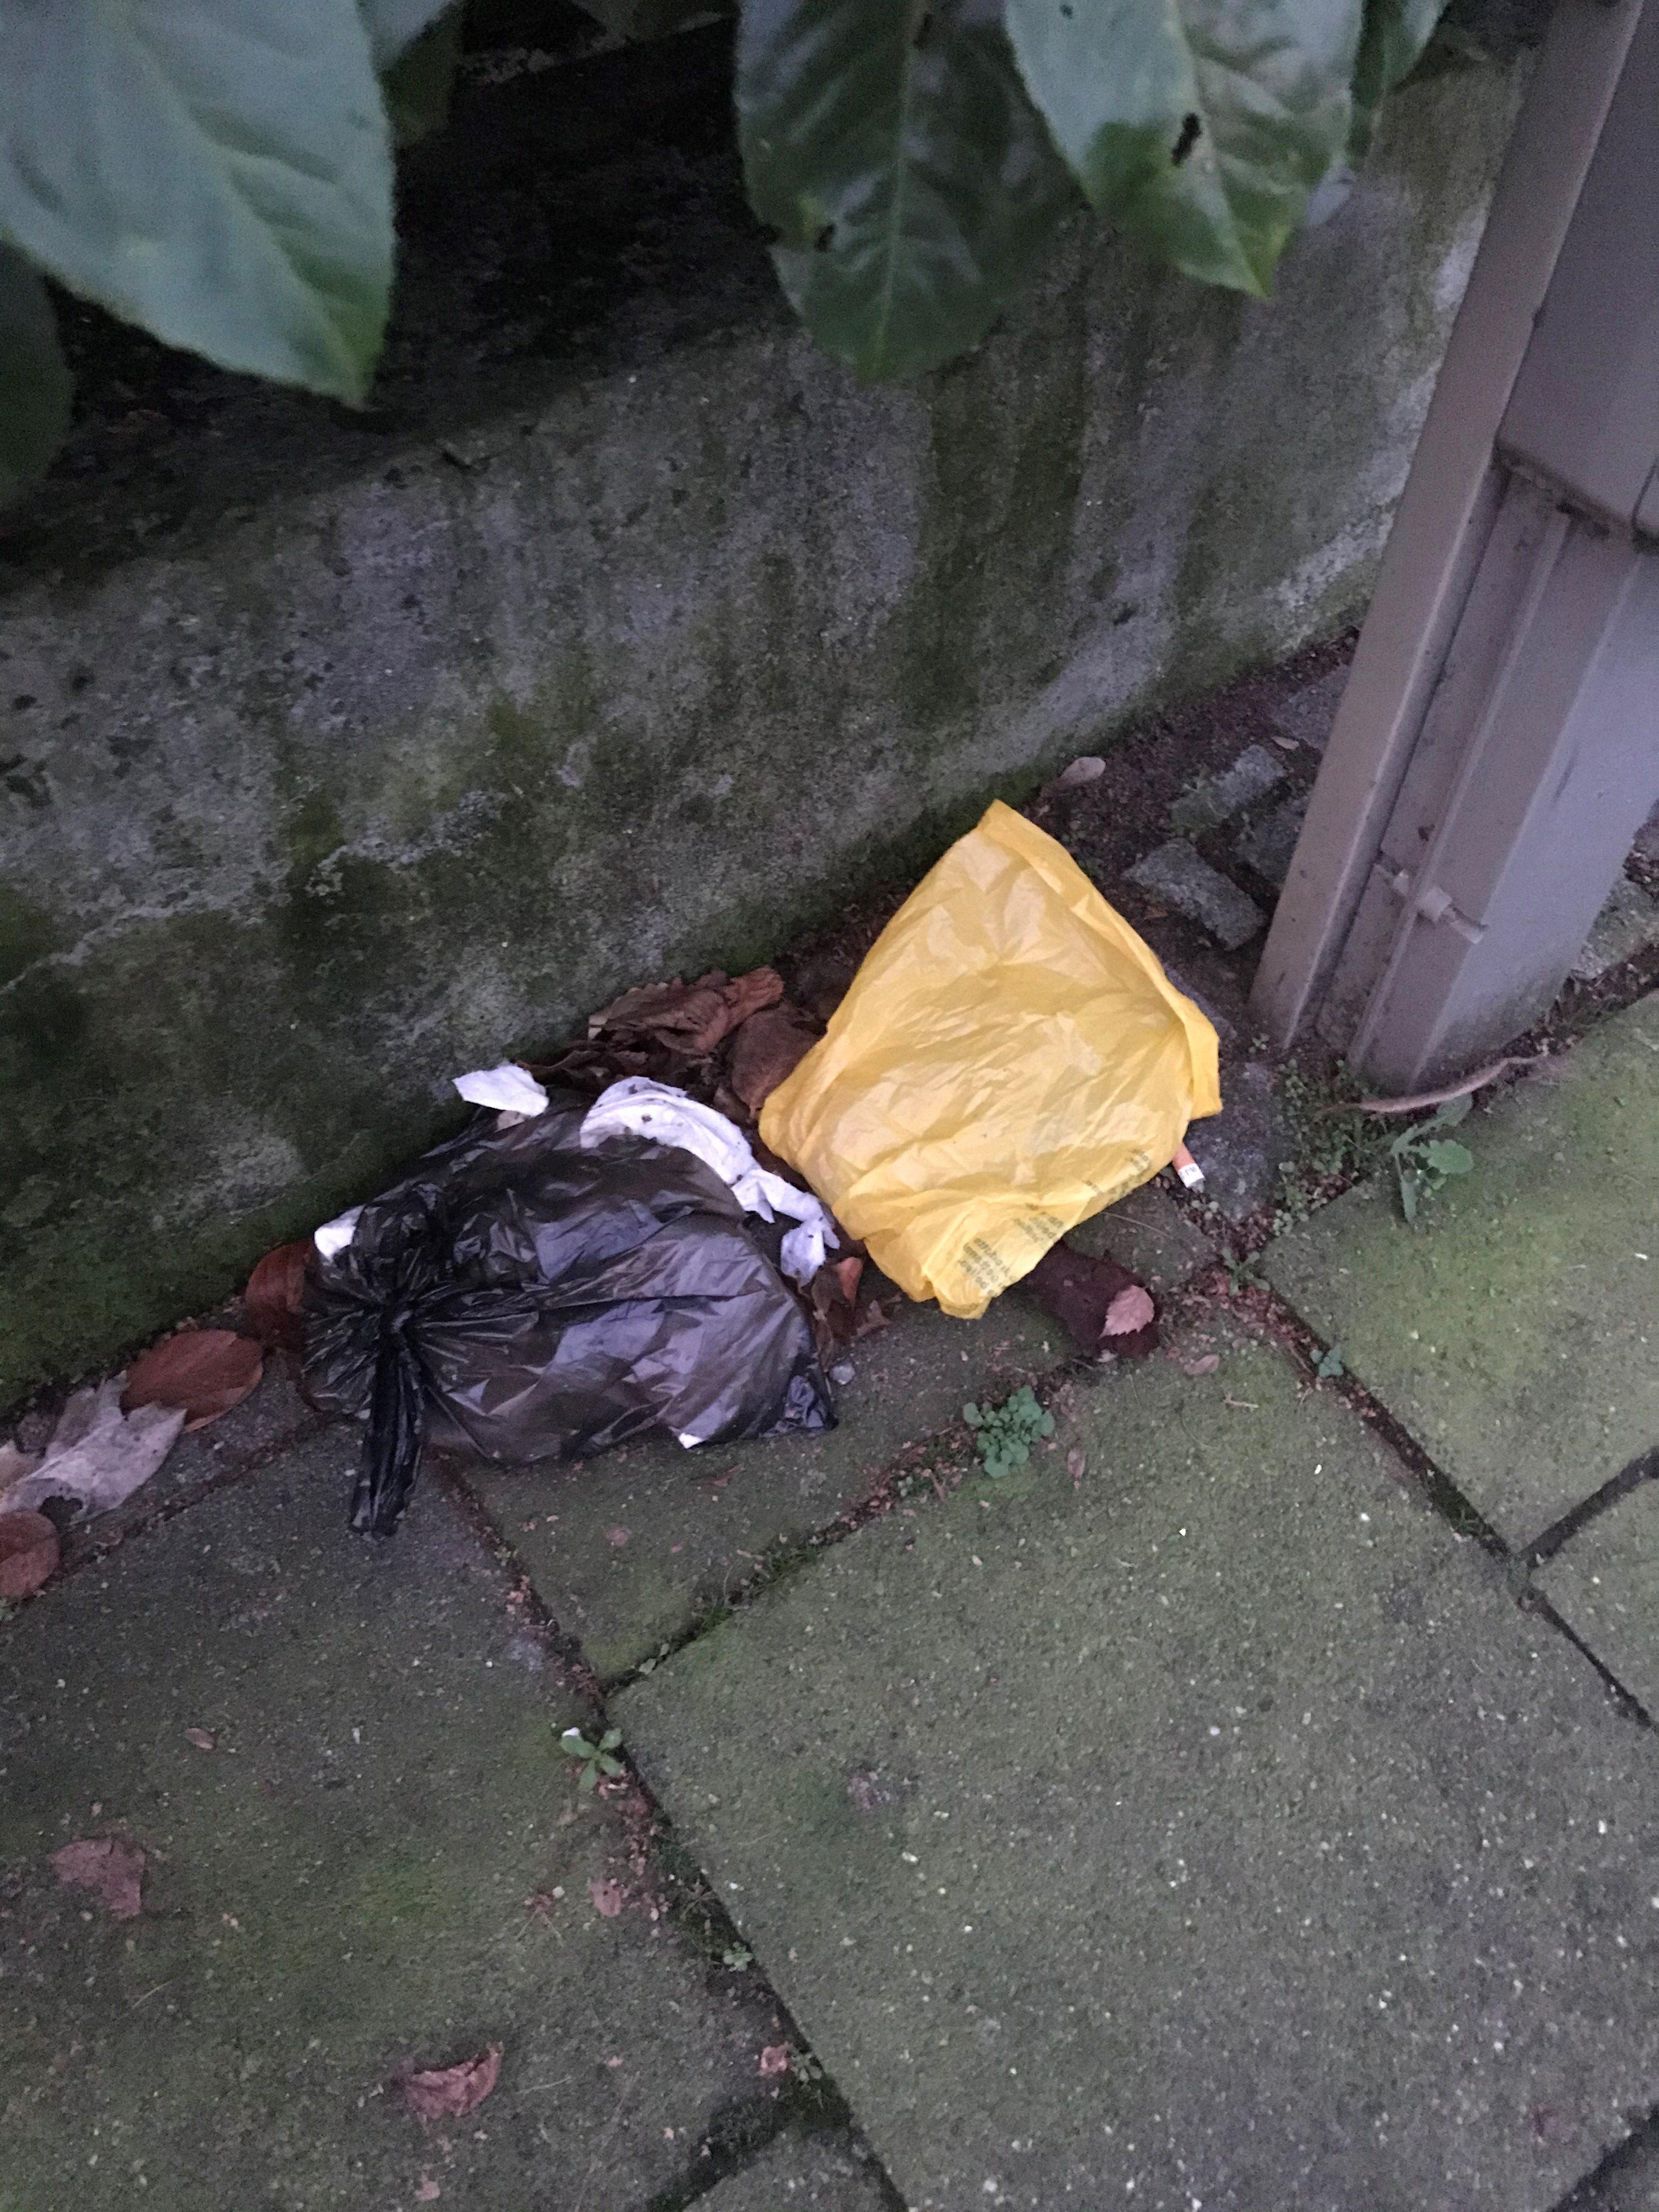 Ein Schandfleck: Achtlos weggeworfene Hundekotbeutel